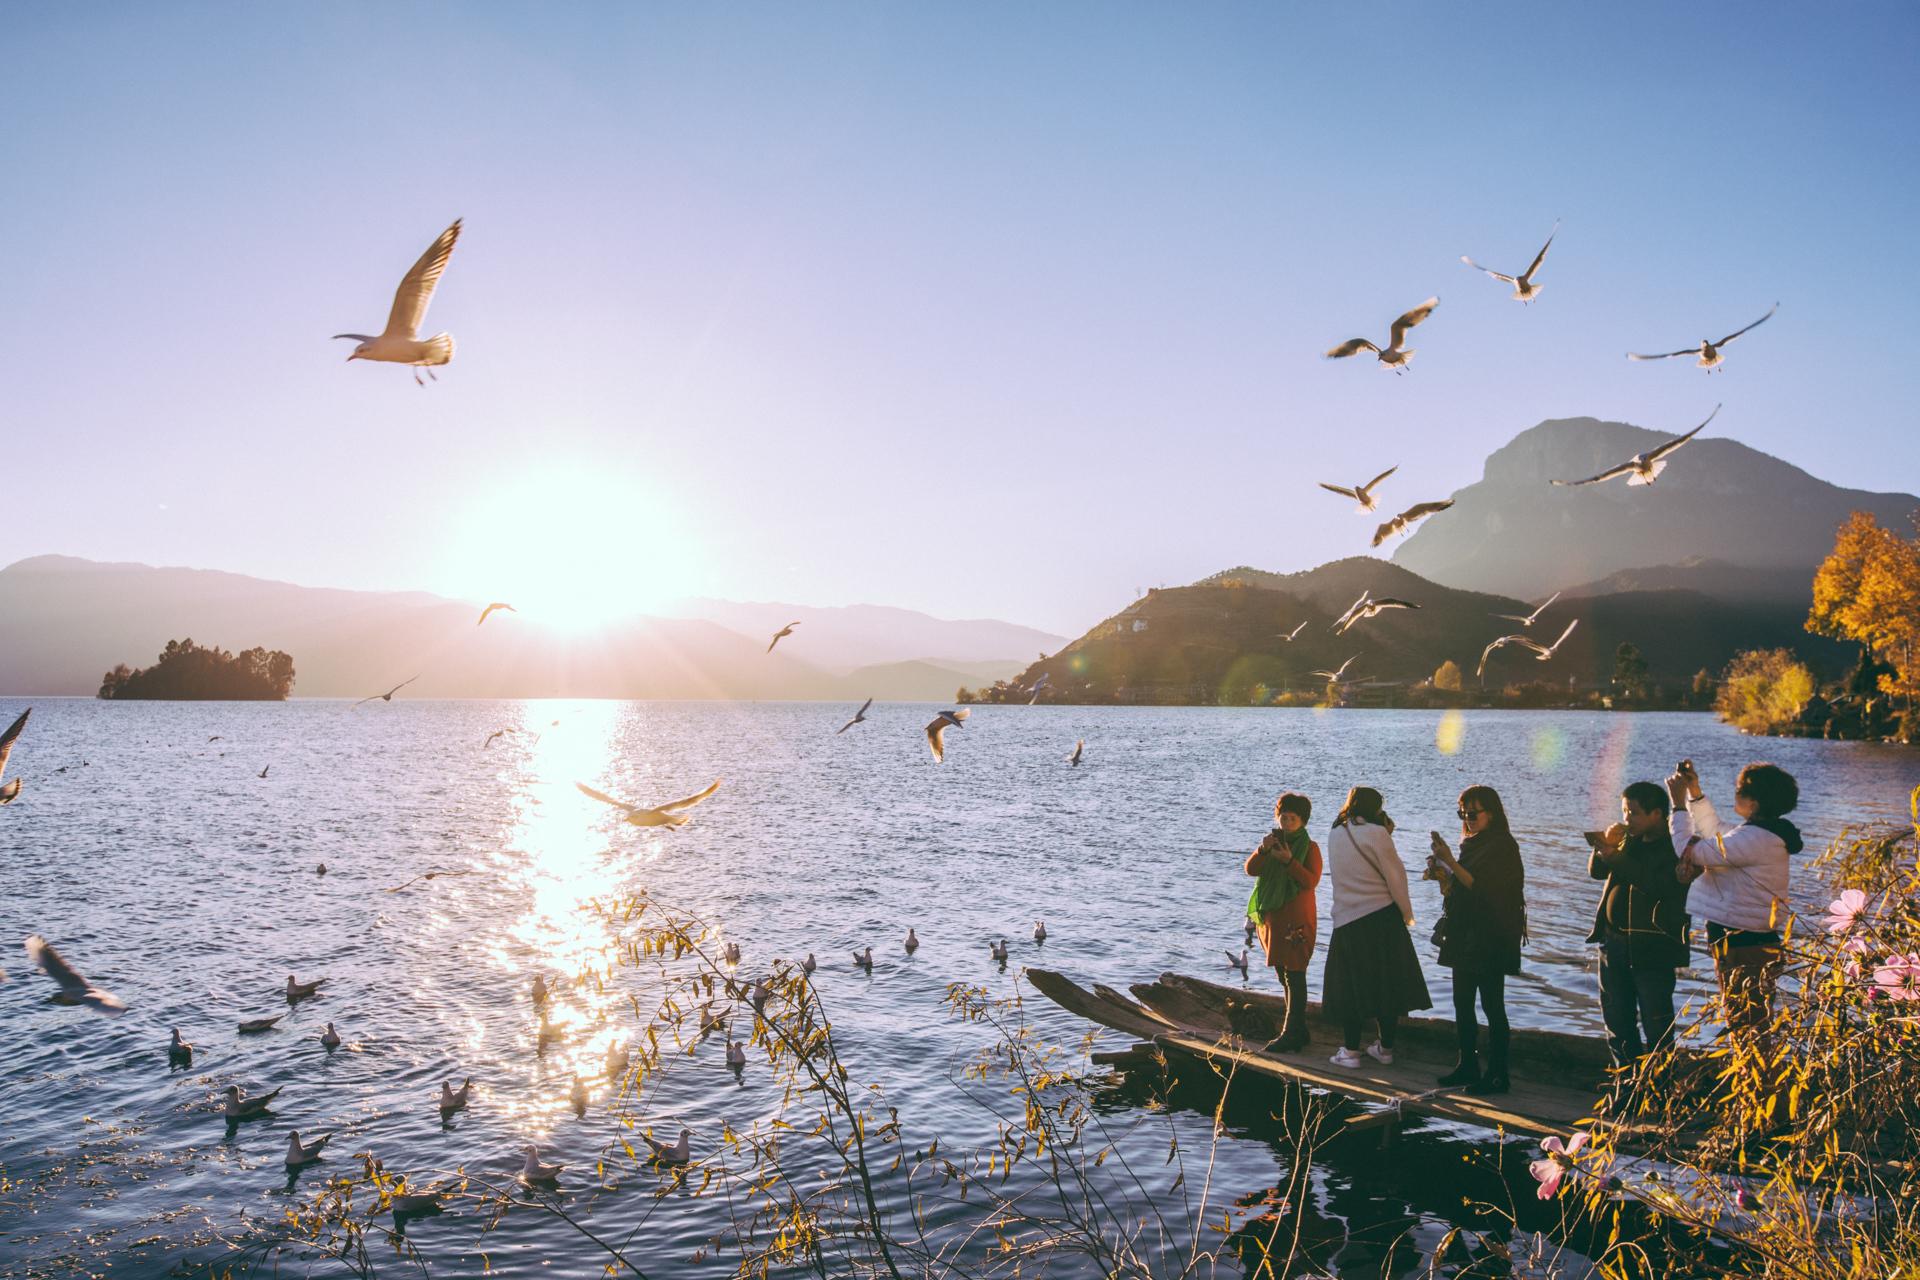 西昌除了泸沽湖,还有什么好玩的地方?